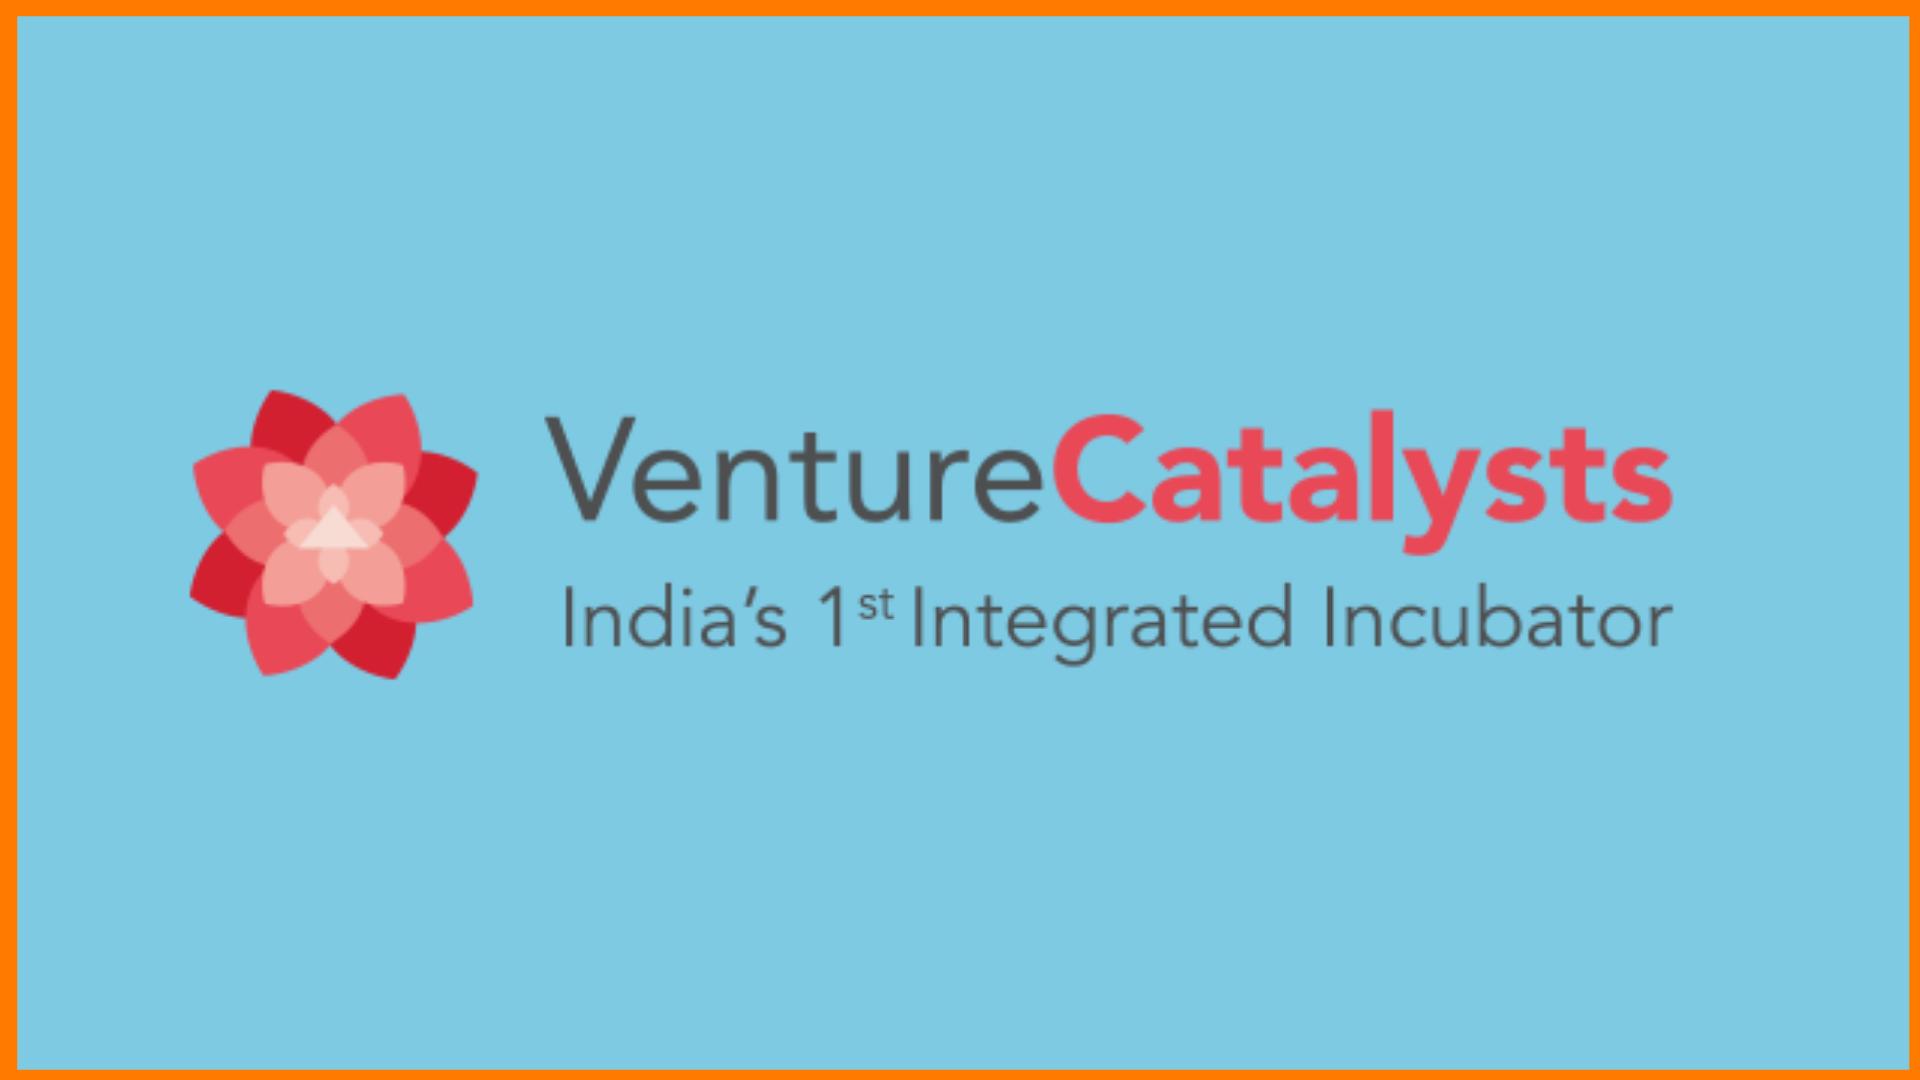 Venture Catalysts - India's Largest Integrated Incubator